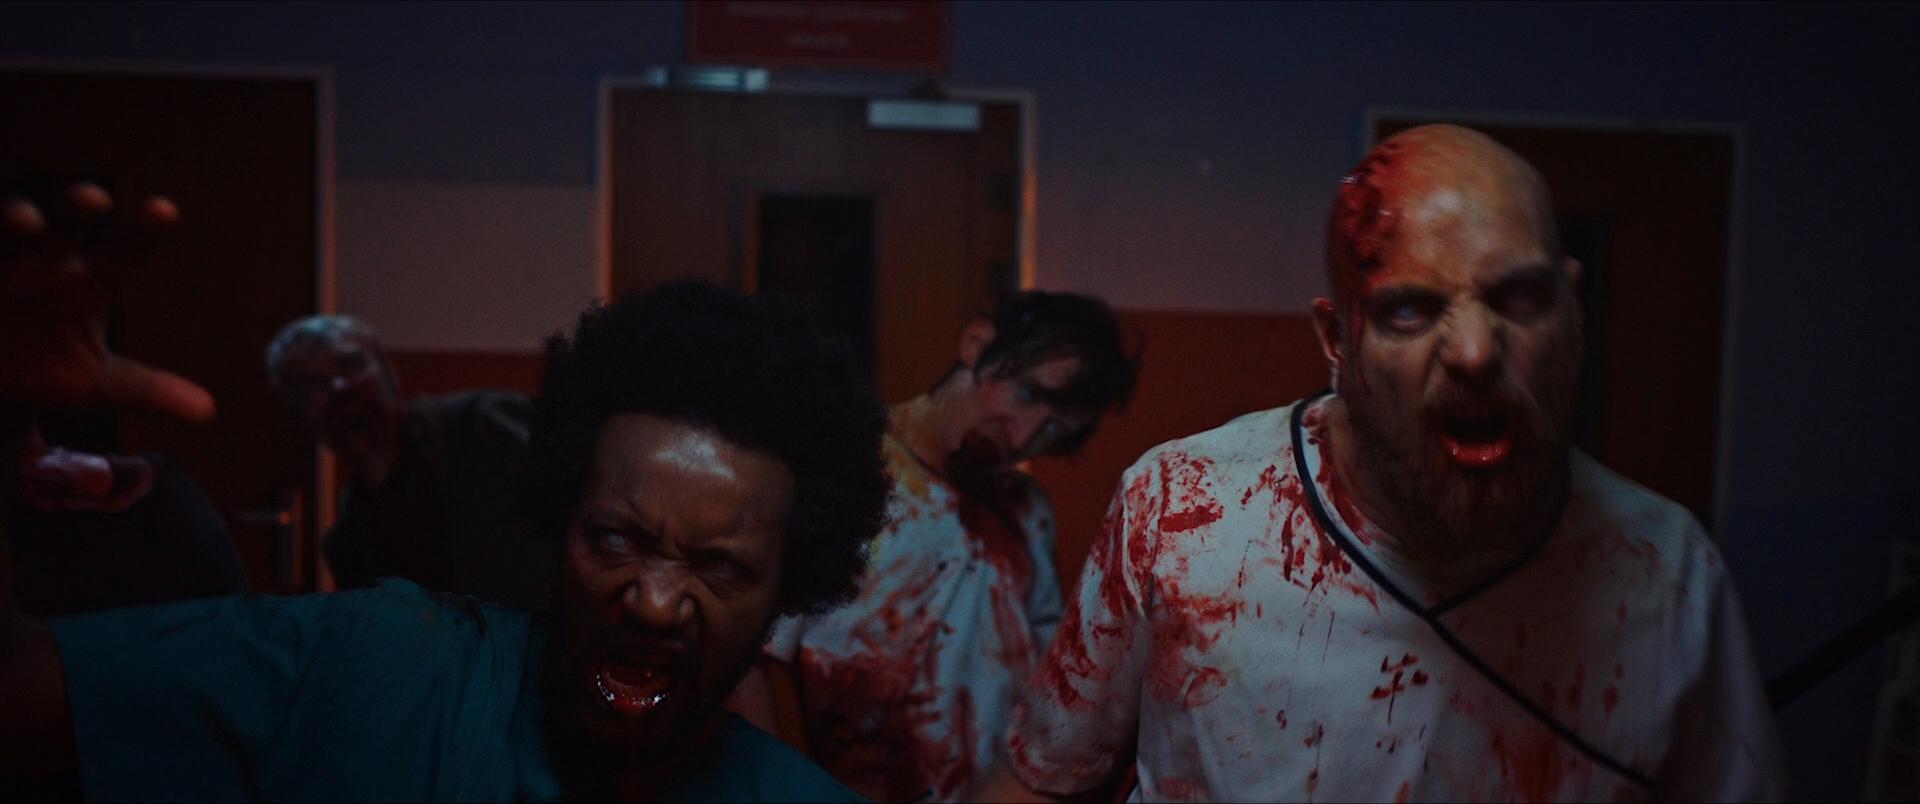 Clínica Zombie (2019) 1080p BRRip Latino